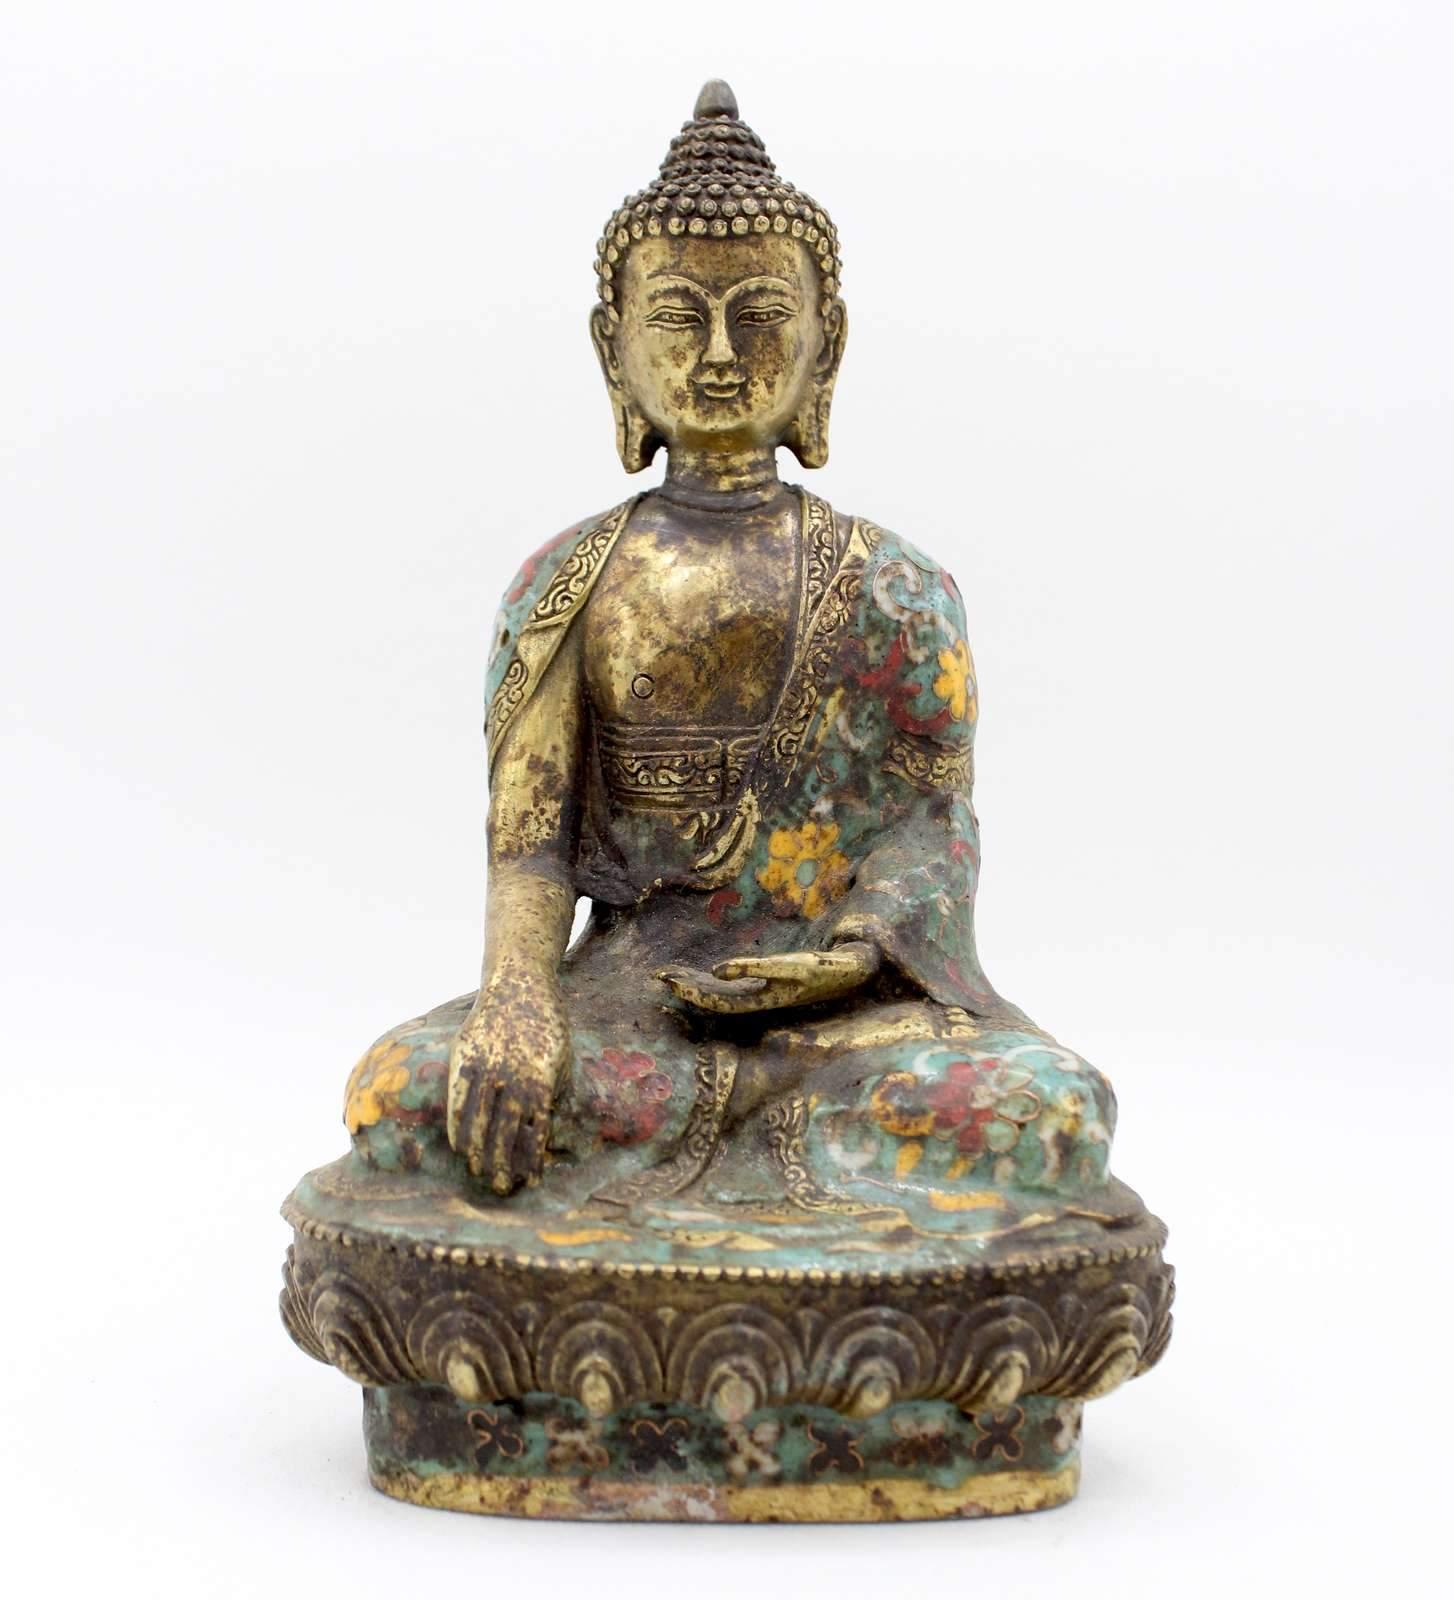 Buddha Kopf Garten Inspirierend Cloisonné Siddharta Buddha 20cm Bronze Figur